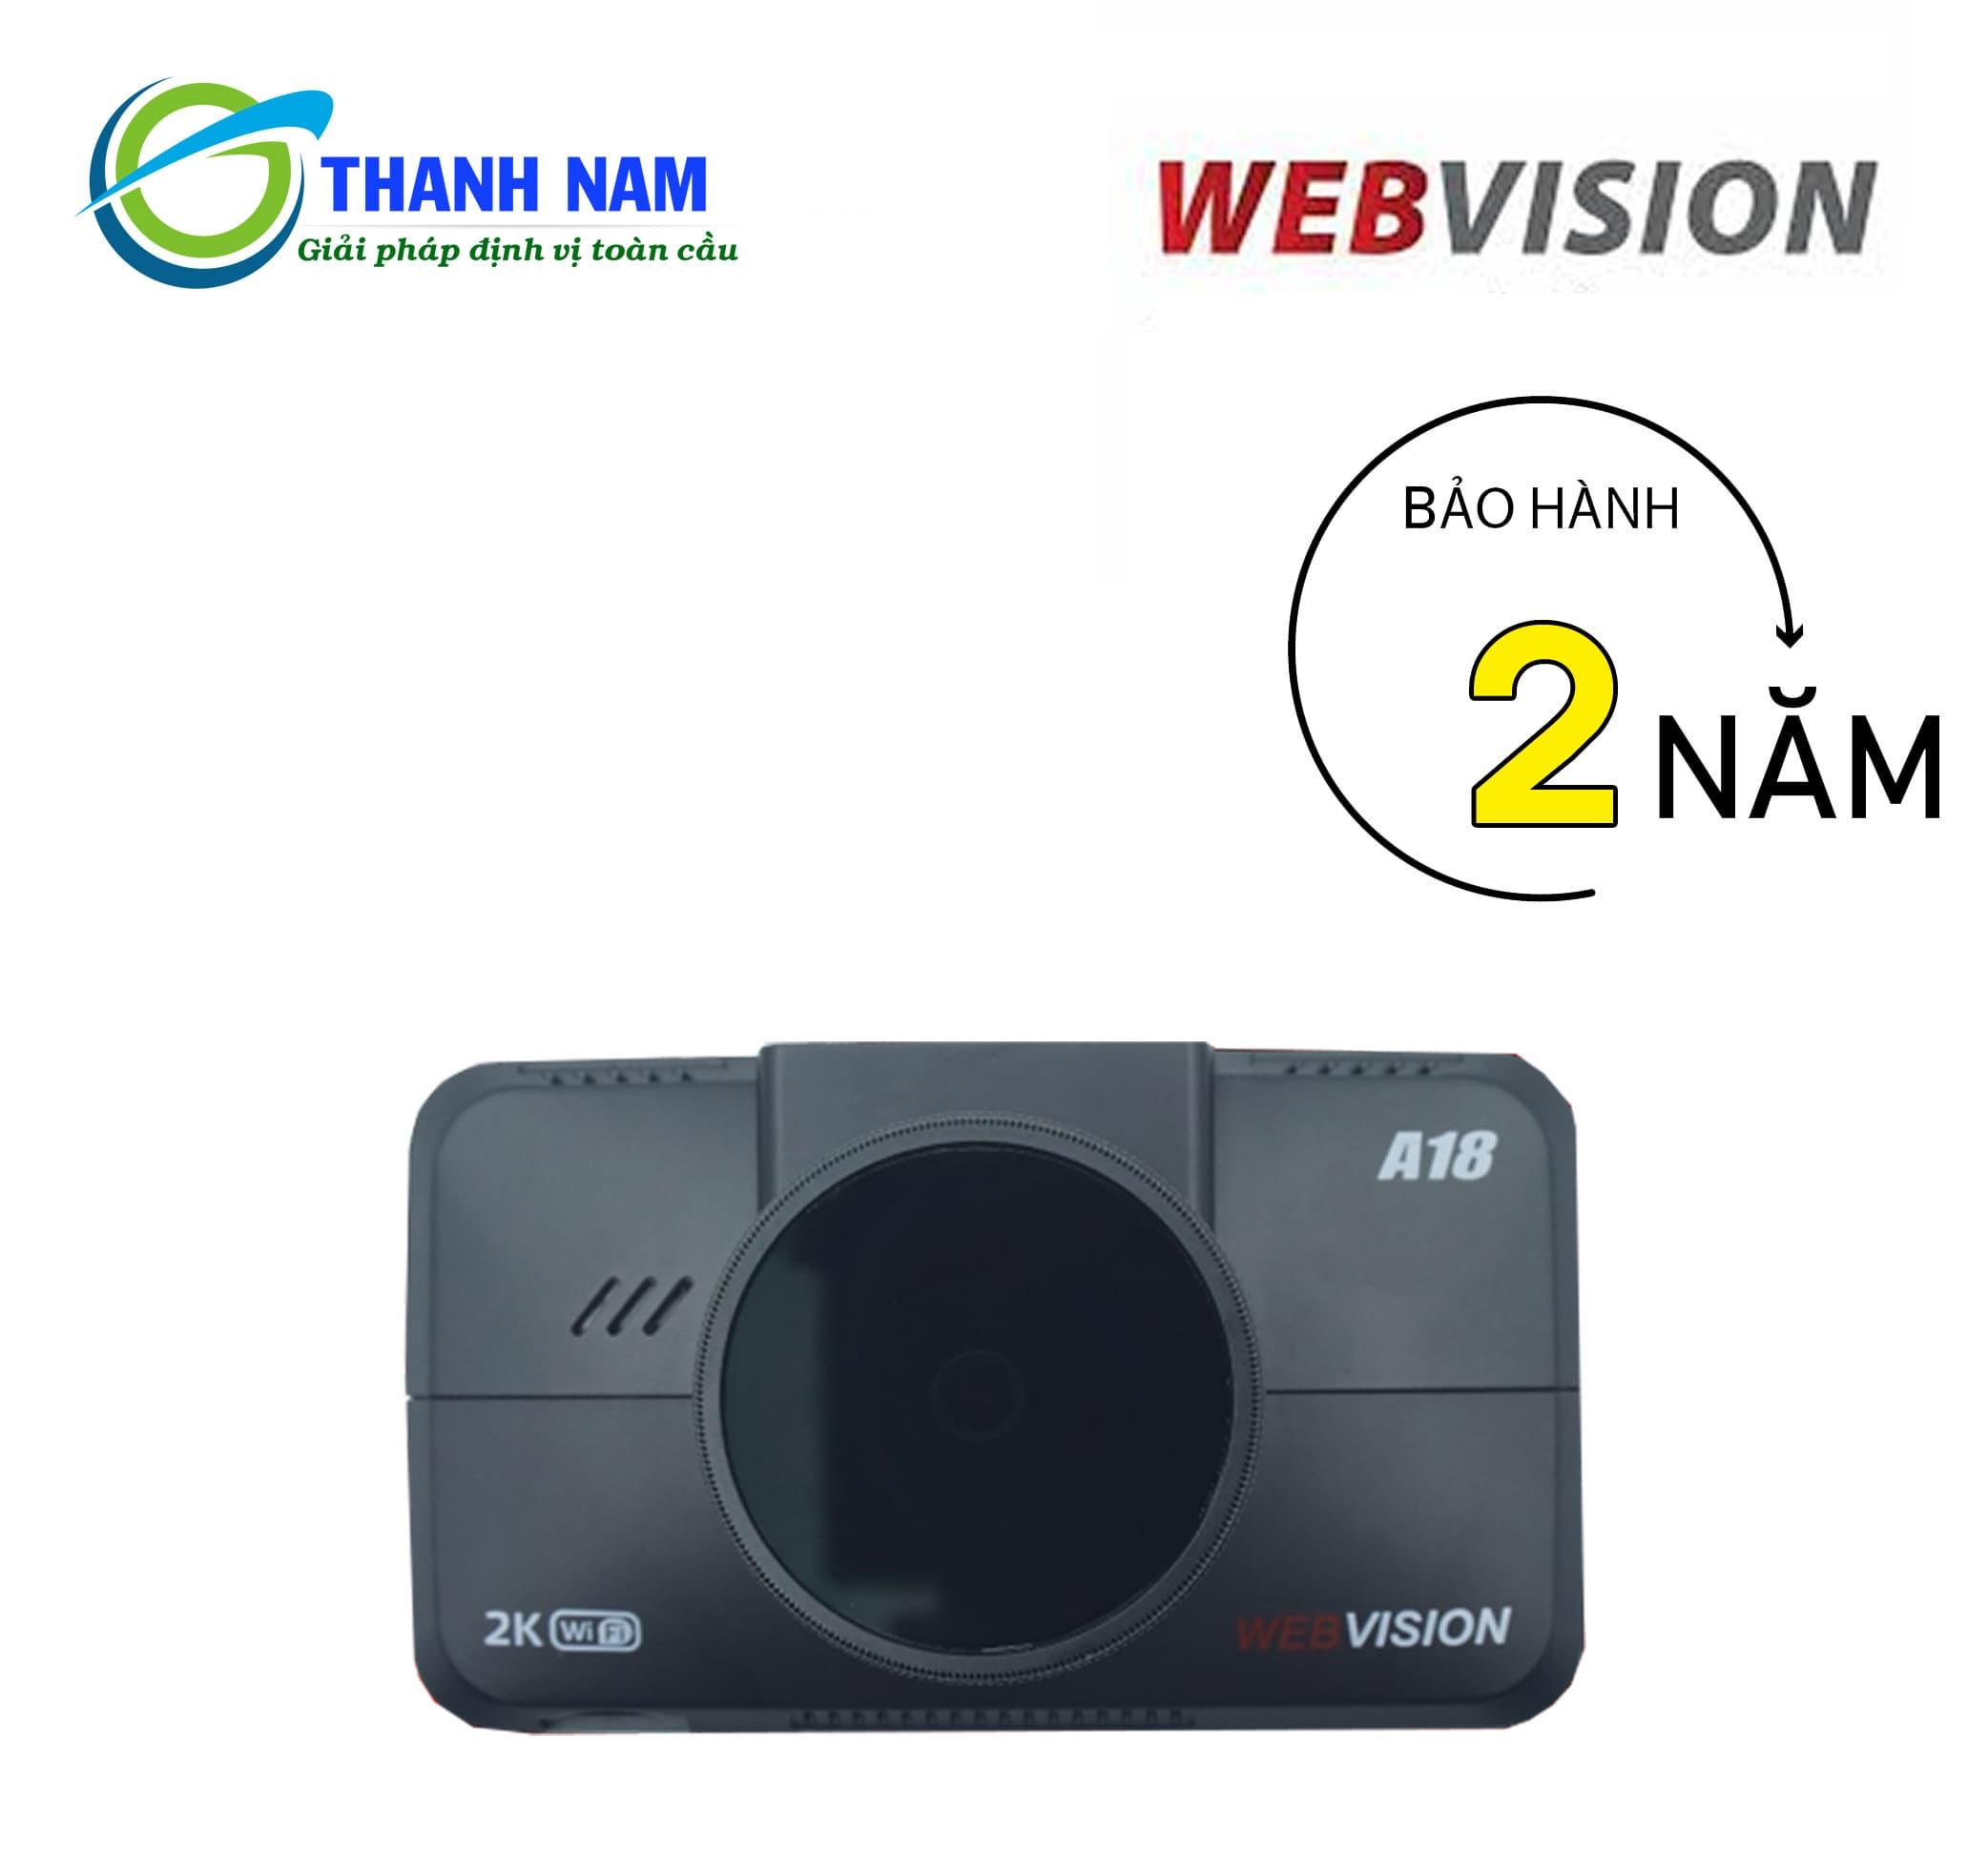 mua camera hành trình webvsision a18 chĩnh hãng tại thành nam gps